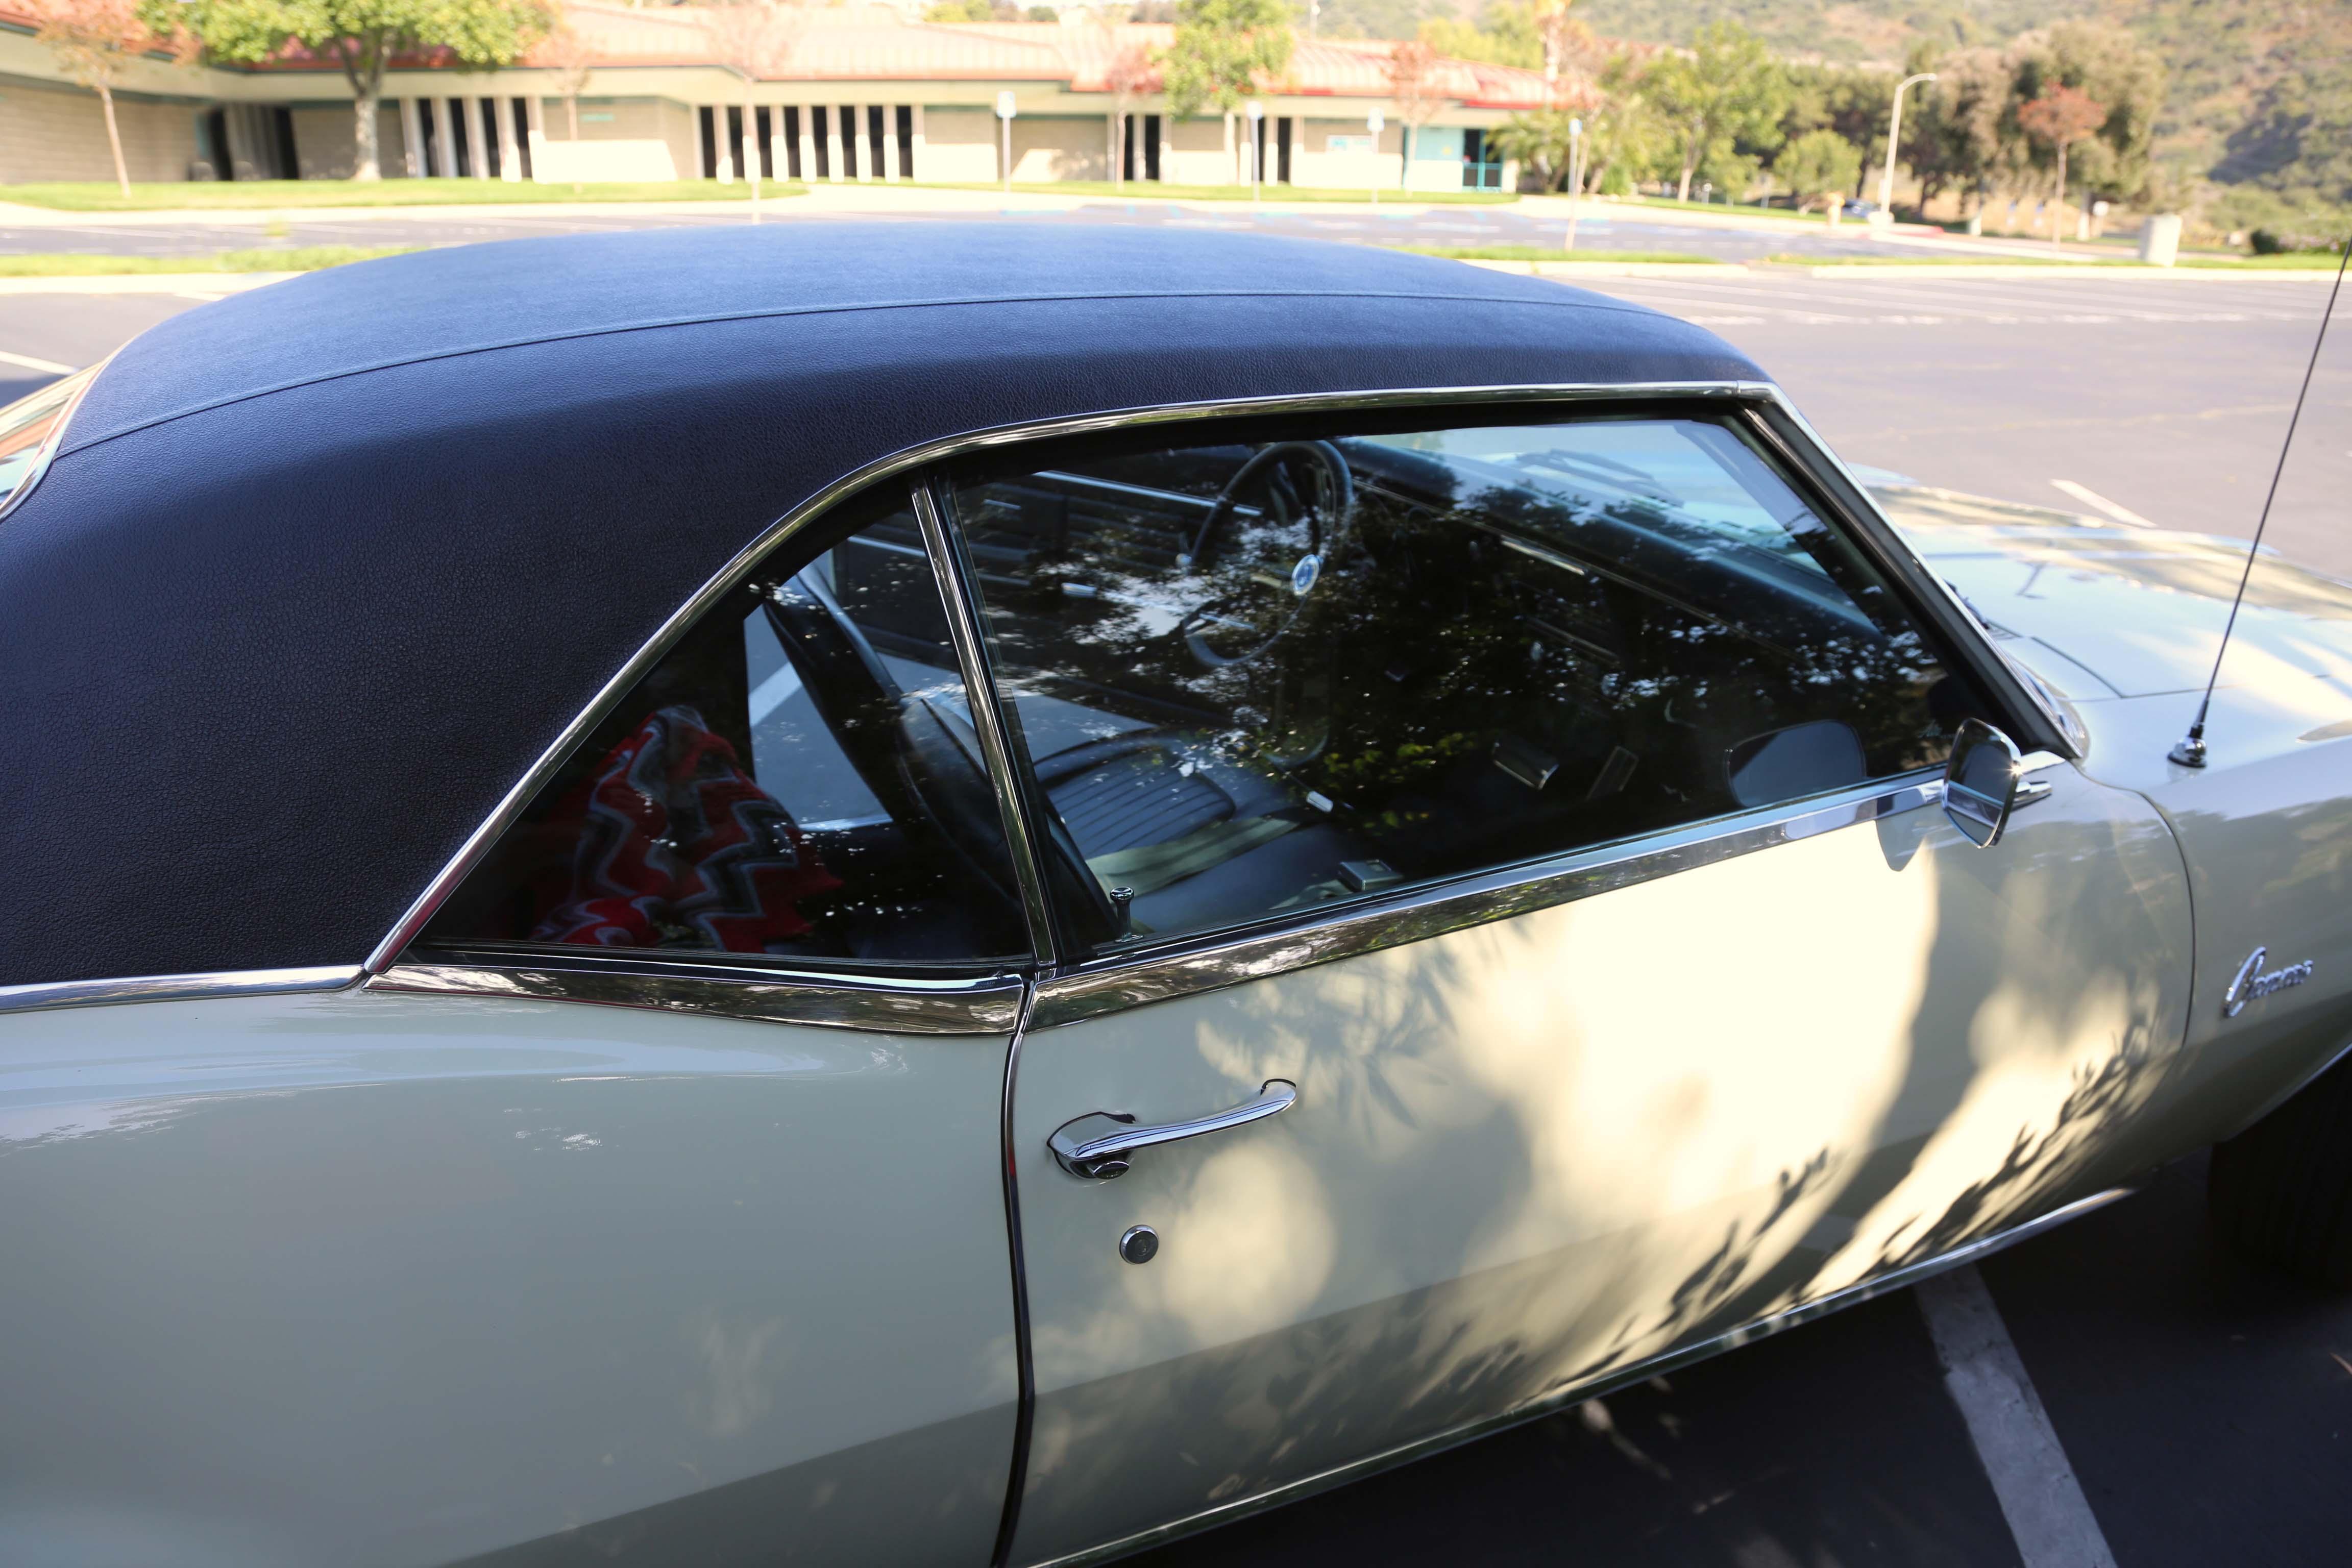 1968 Camaro Odd Options Passenger window